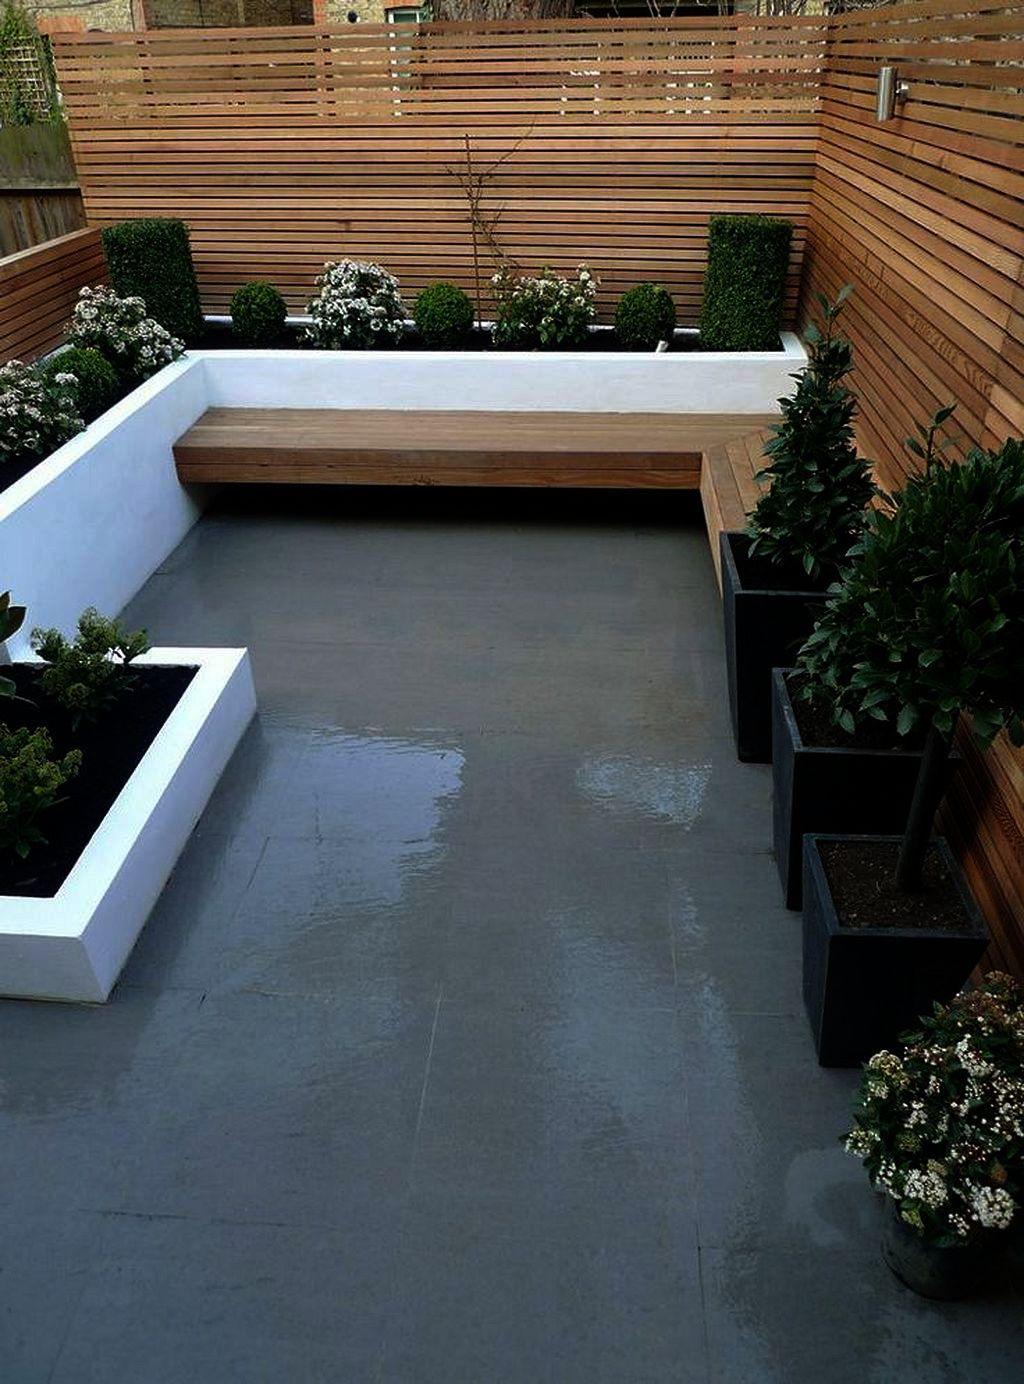 Urban Gardening Internship Landscape Garden Ideas Split Level Where Urban Gardenin Small Garden Landscape Design Small Garden Landscape Small Backyard Gardens